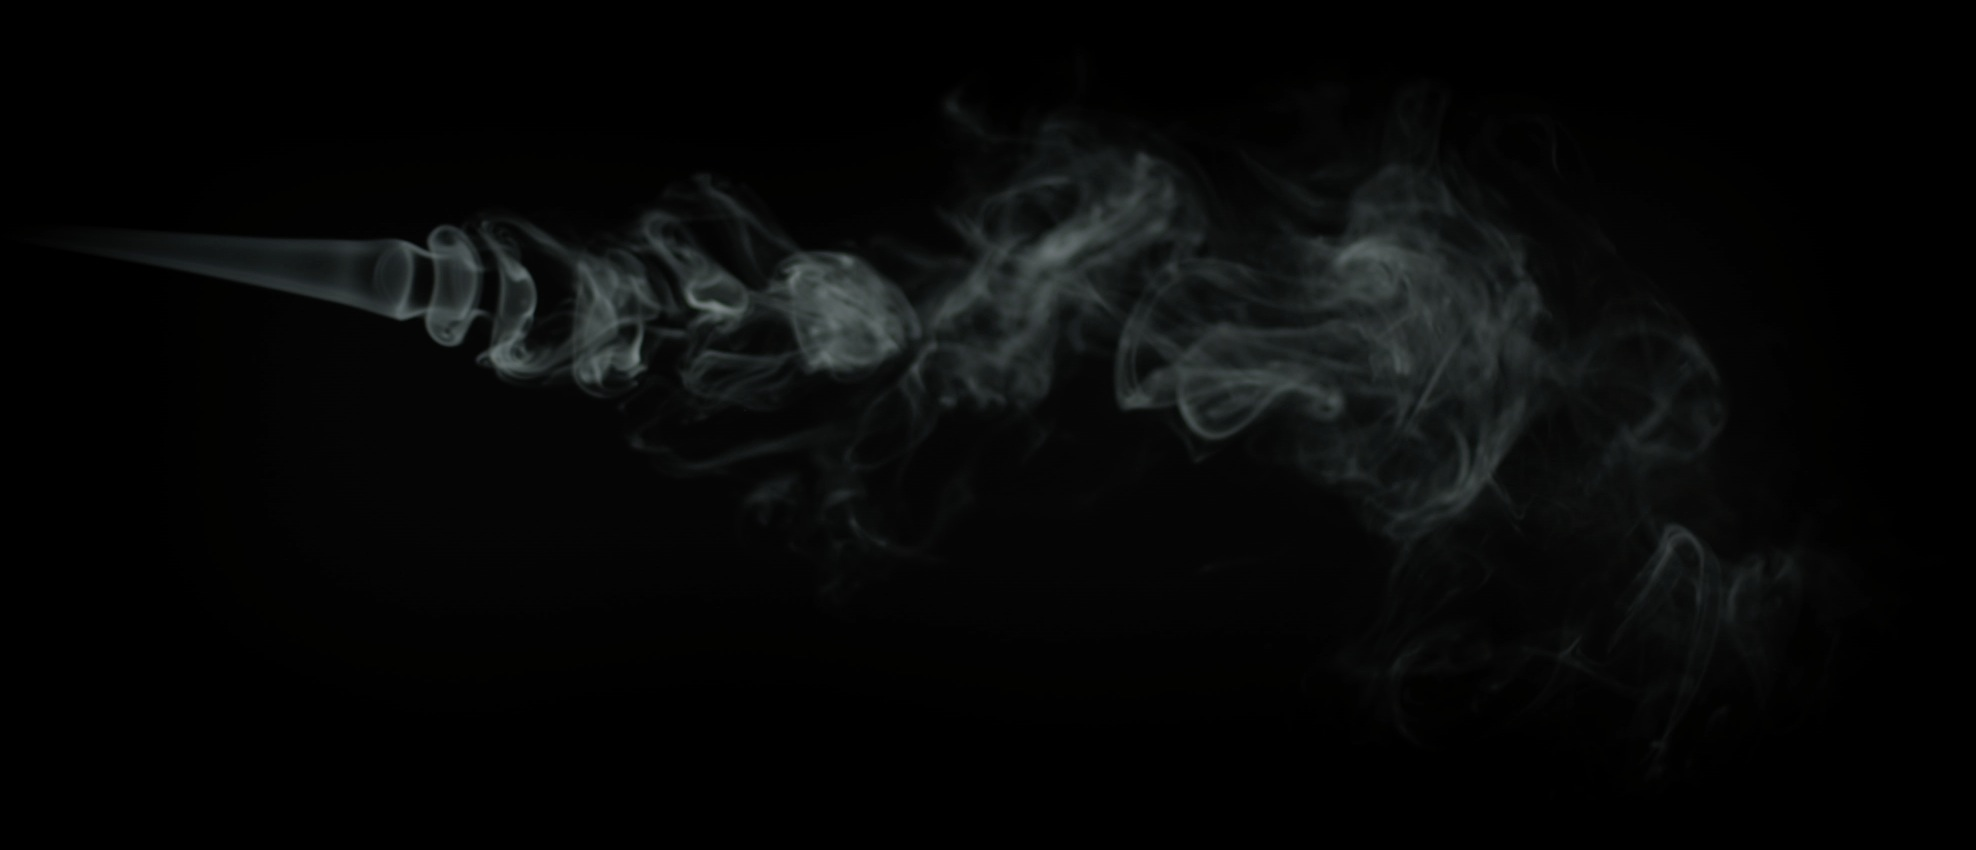 Eléments de fumée, de neige, de feu à utiliser en mode compositing.